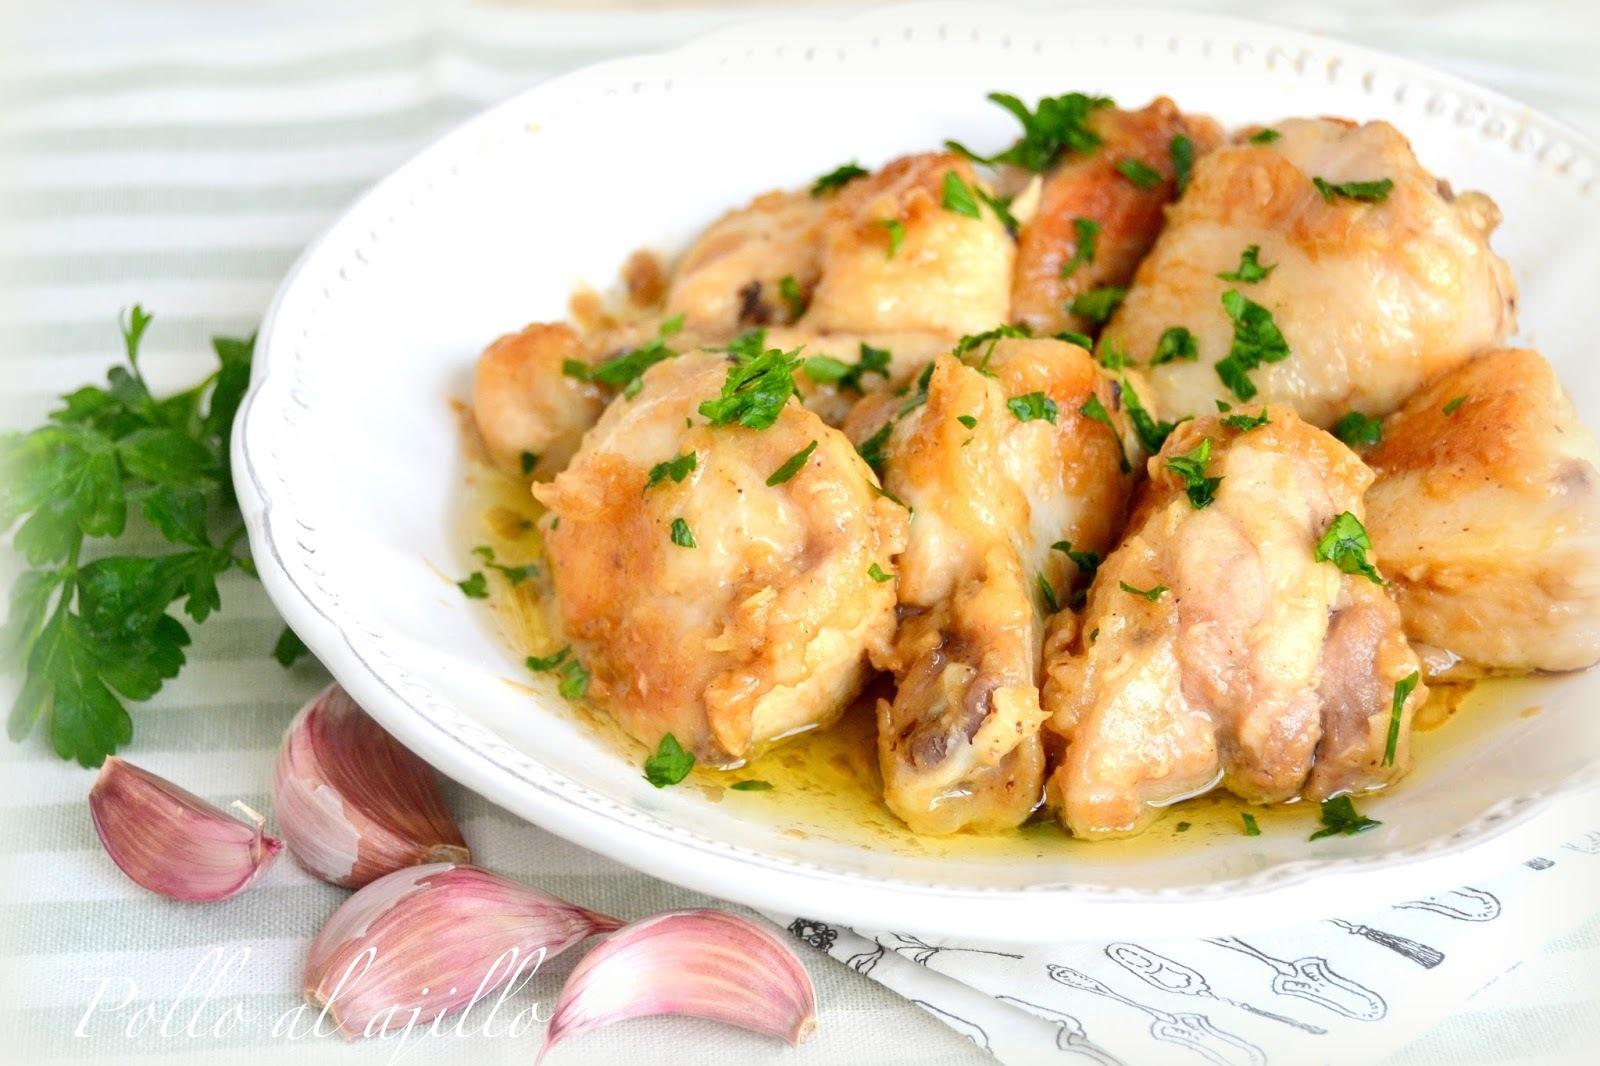 Pollo al ajillo. Receta tradicional.